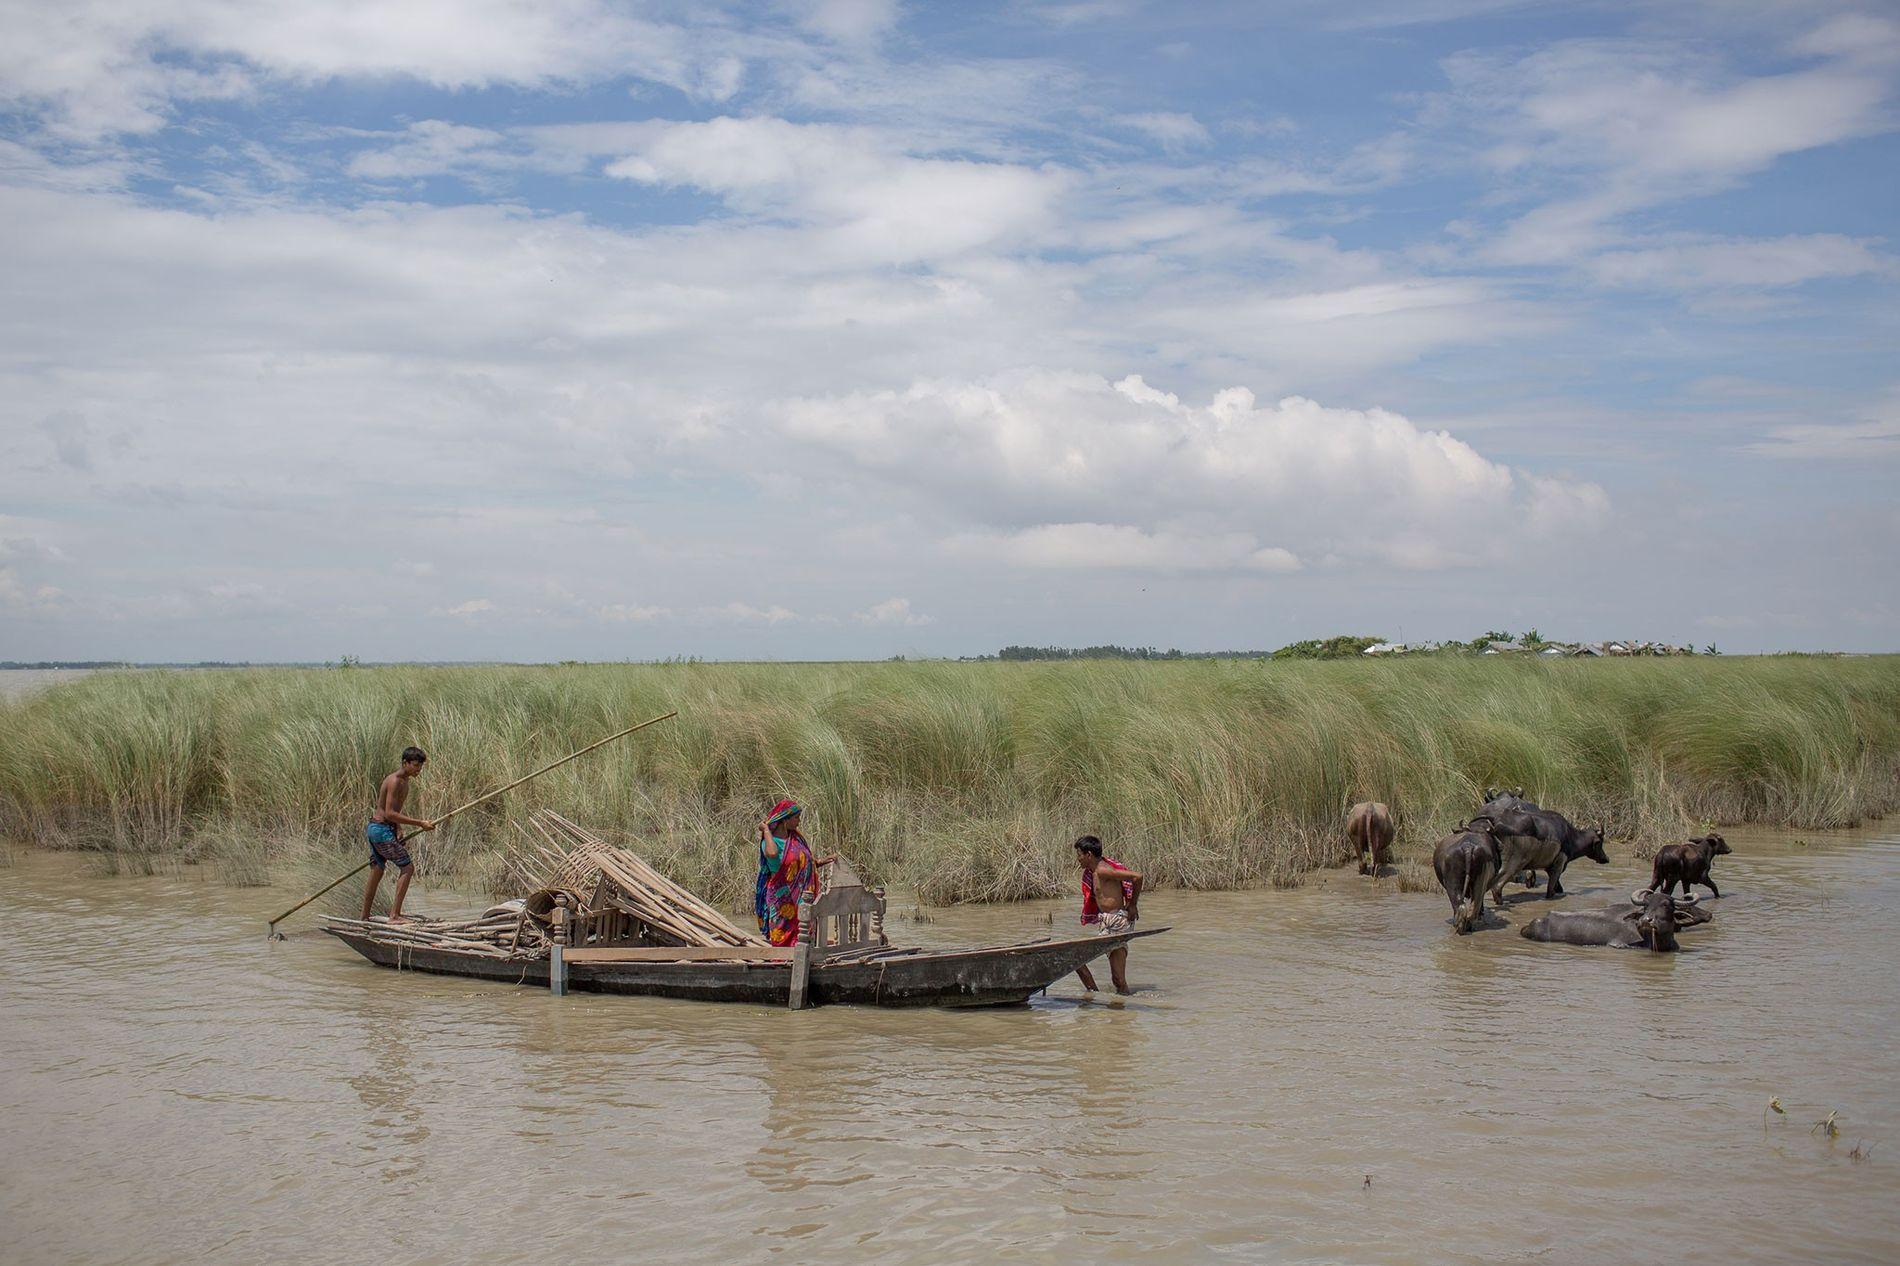 Des habitants d' un village touché par les inondations transportent leurs biens importants par bateau à ...